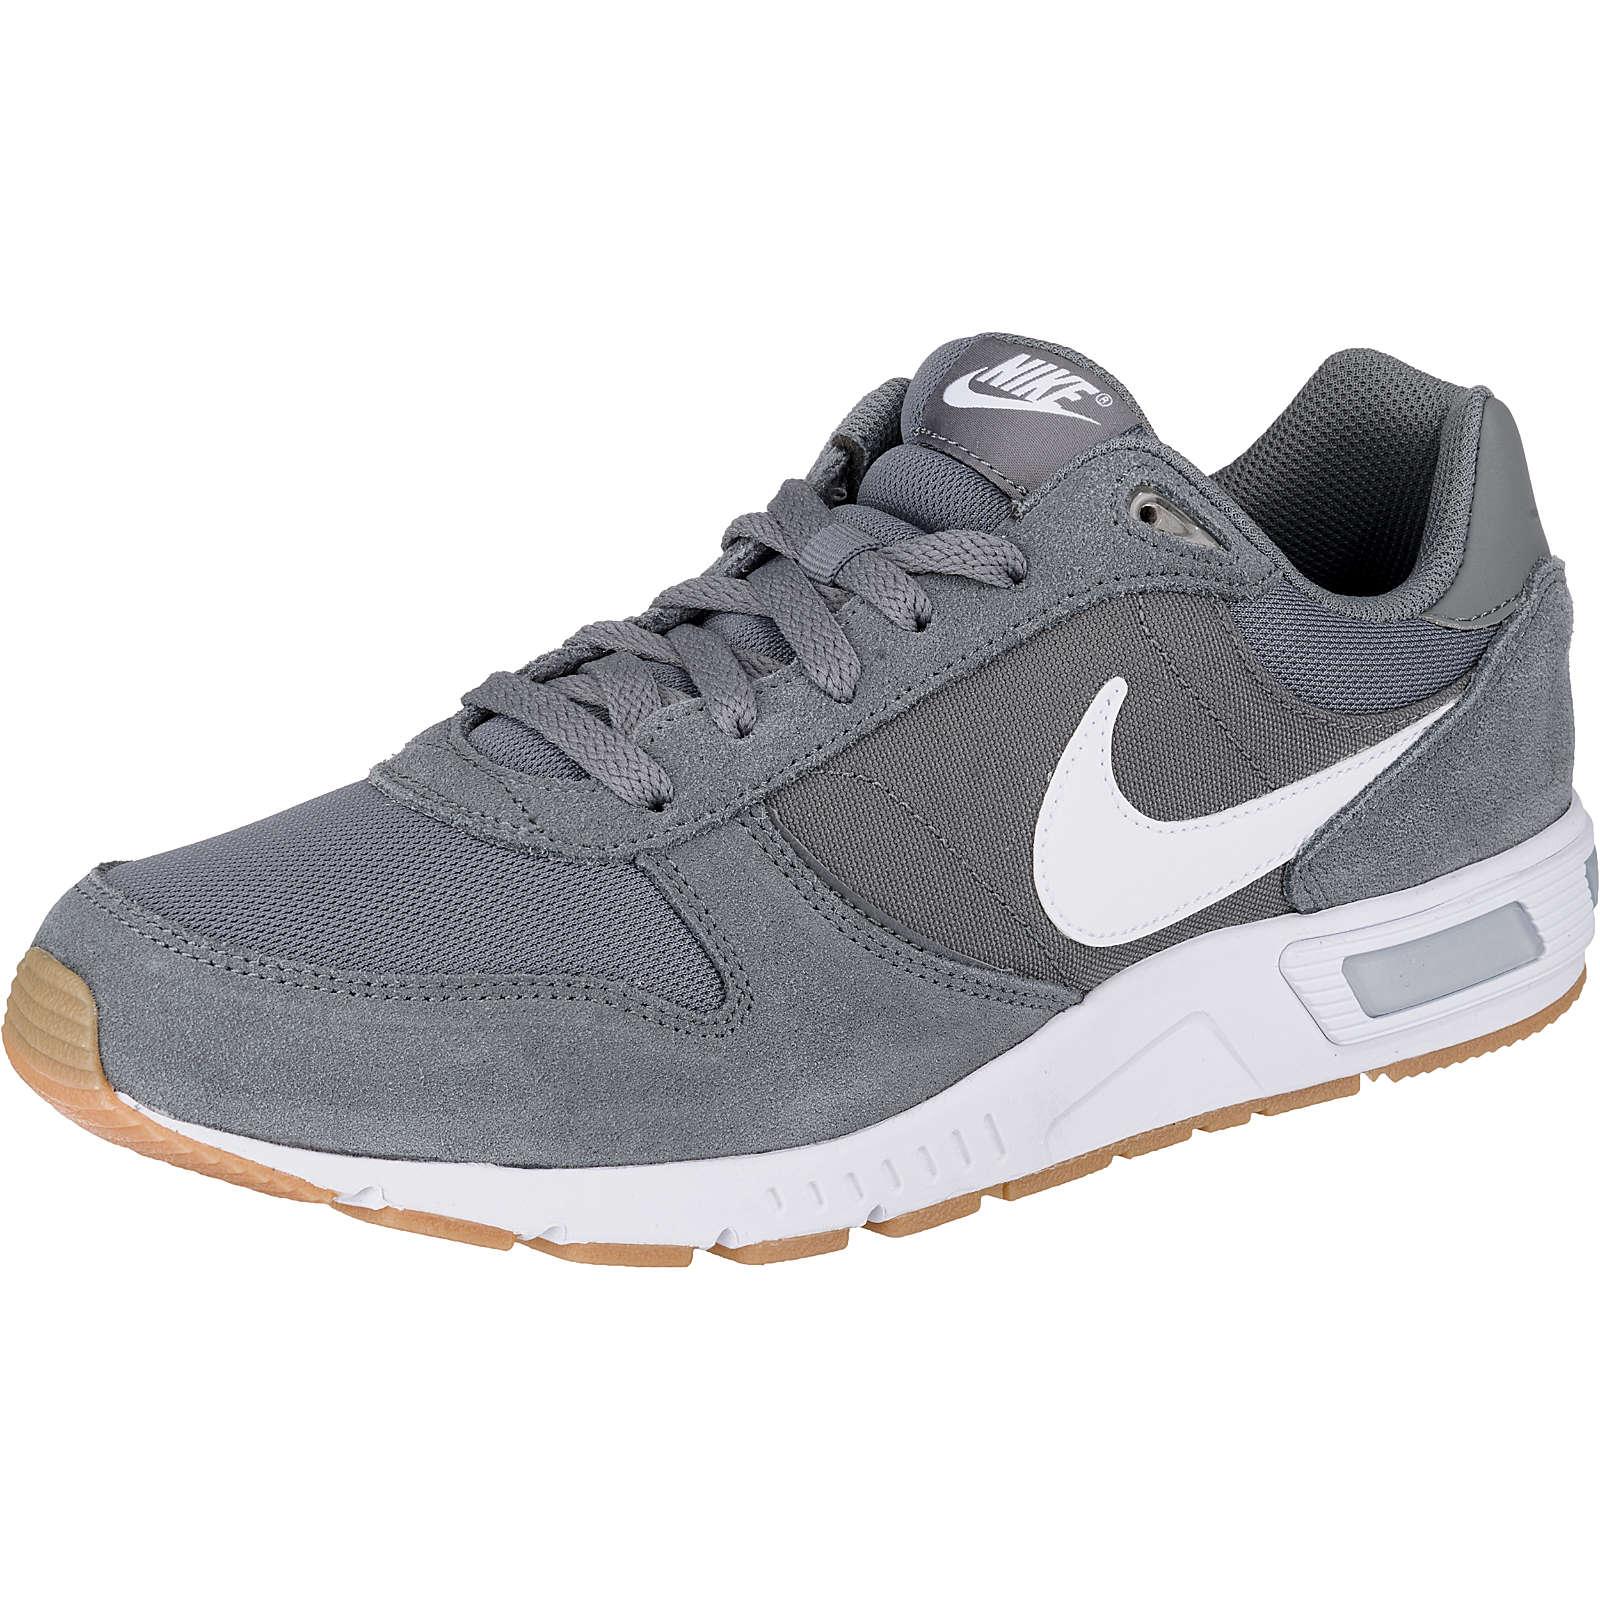 Nike Sportswear Nightgazer Sneakers Low hellgrau Herren Gr. 42